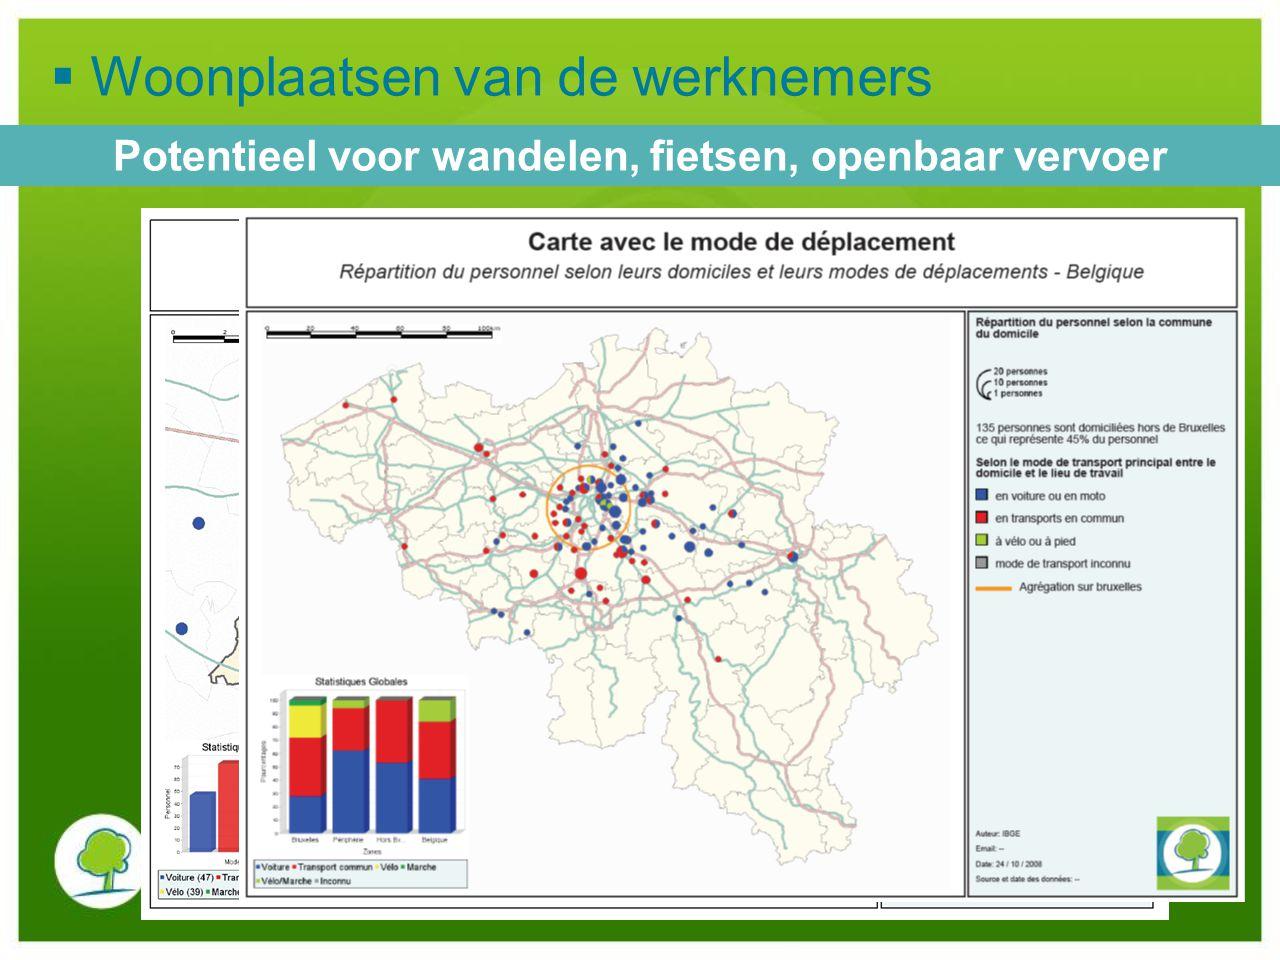 Potentieel voor wandelen, fietsen, openbaar vervoer  Woonplaatsen van de werknemers